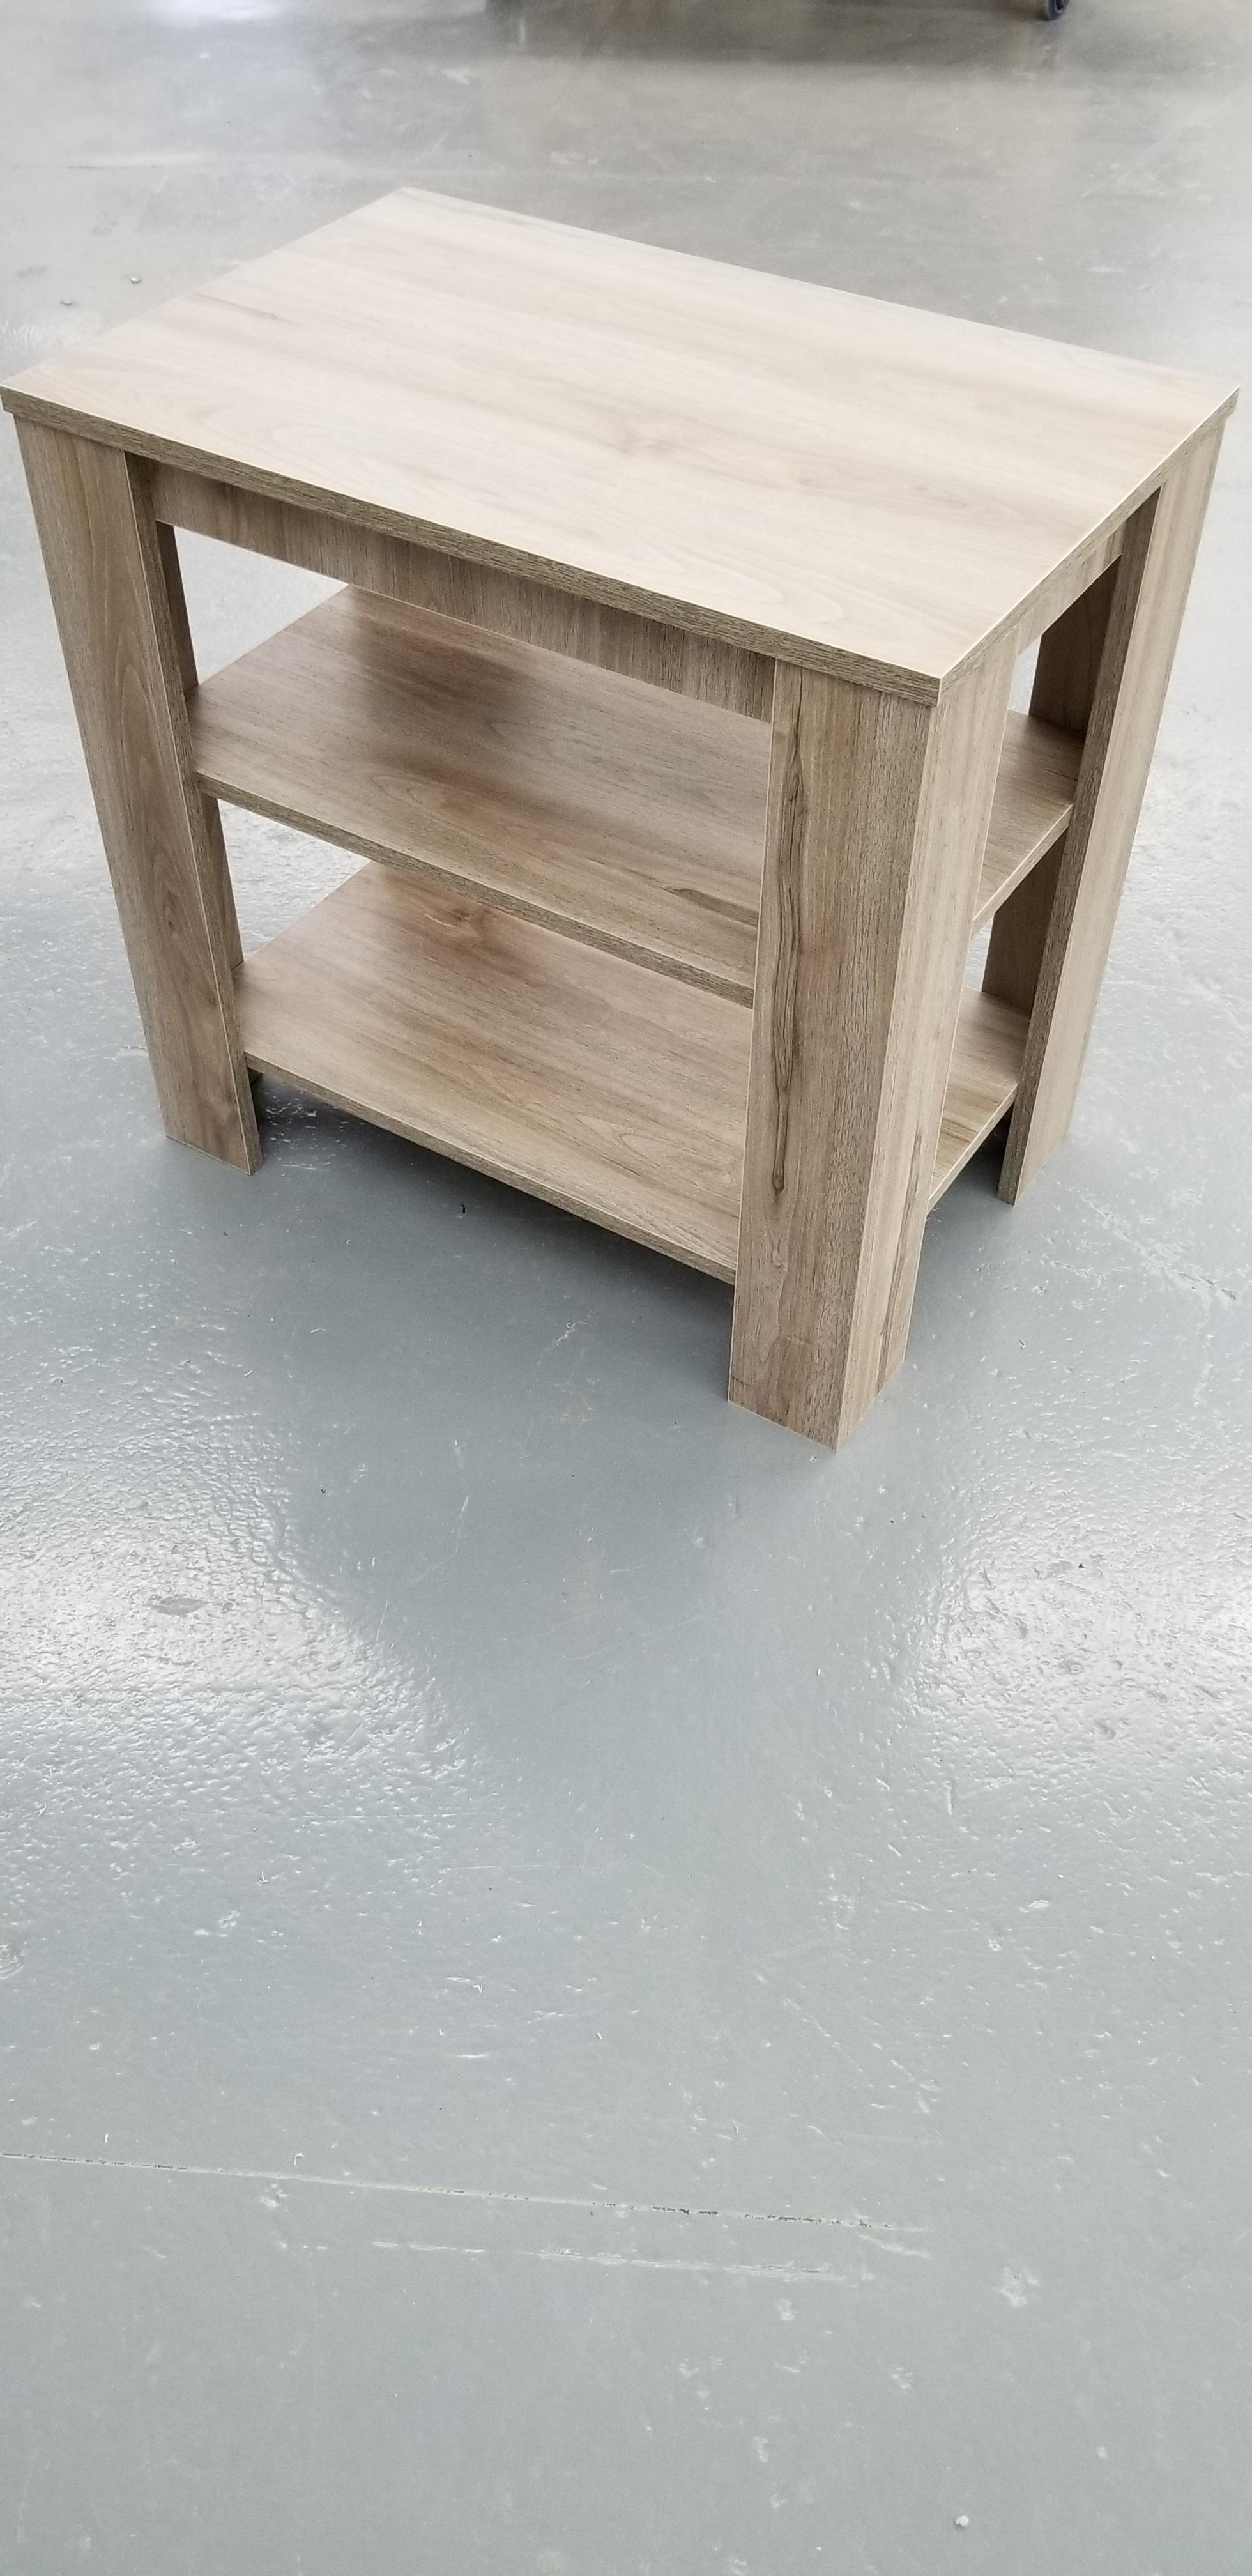 https://0901.nccdn.net/4_2/000/000/064/d40/Table-de-salon-1960x4032.jpg